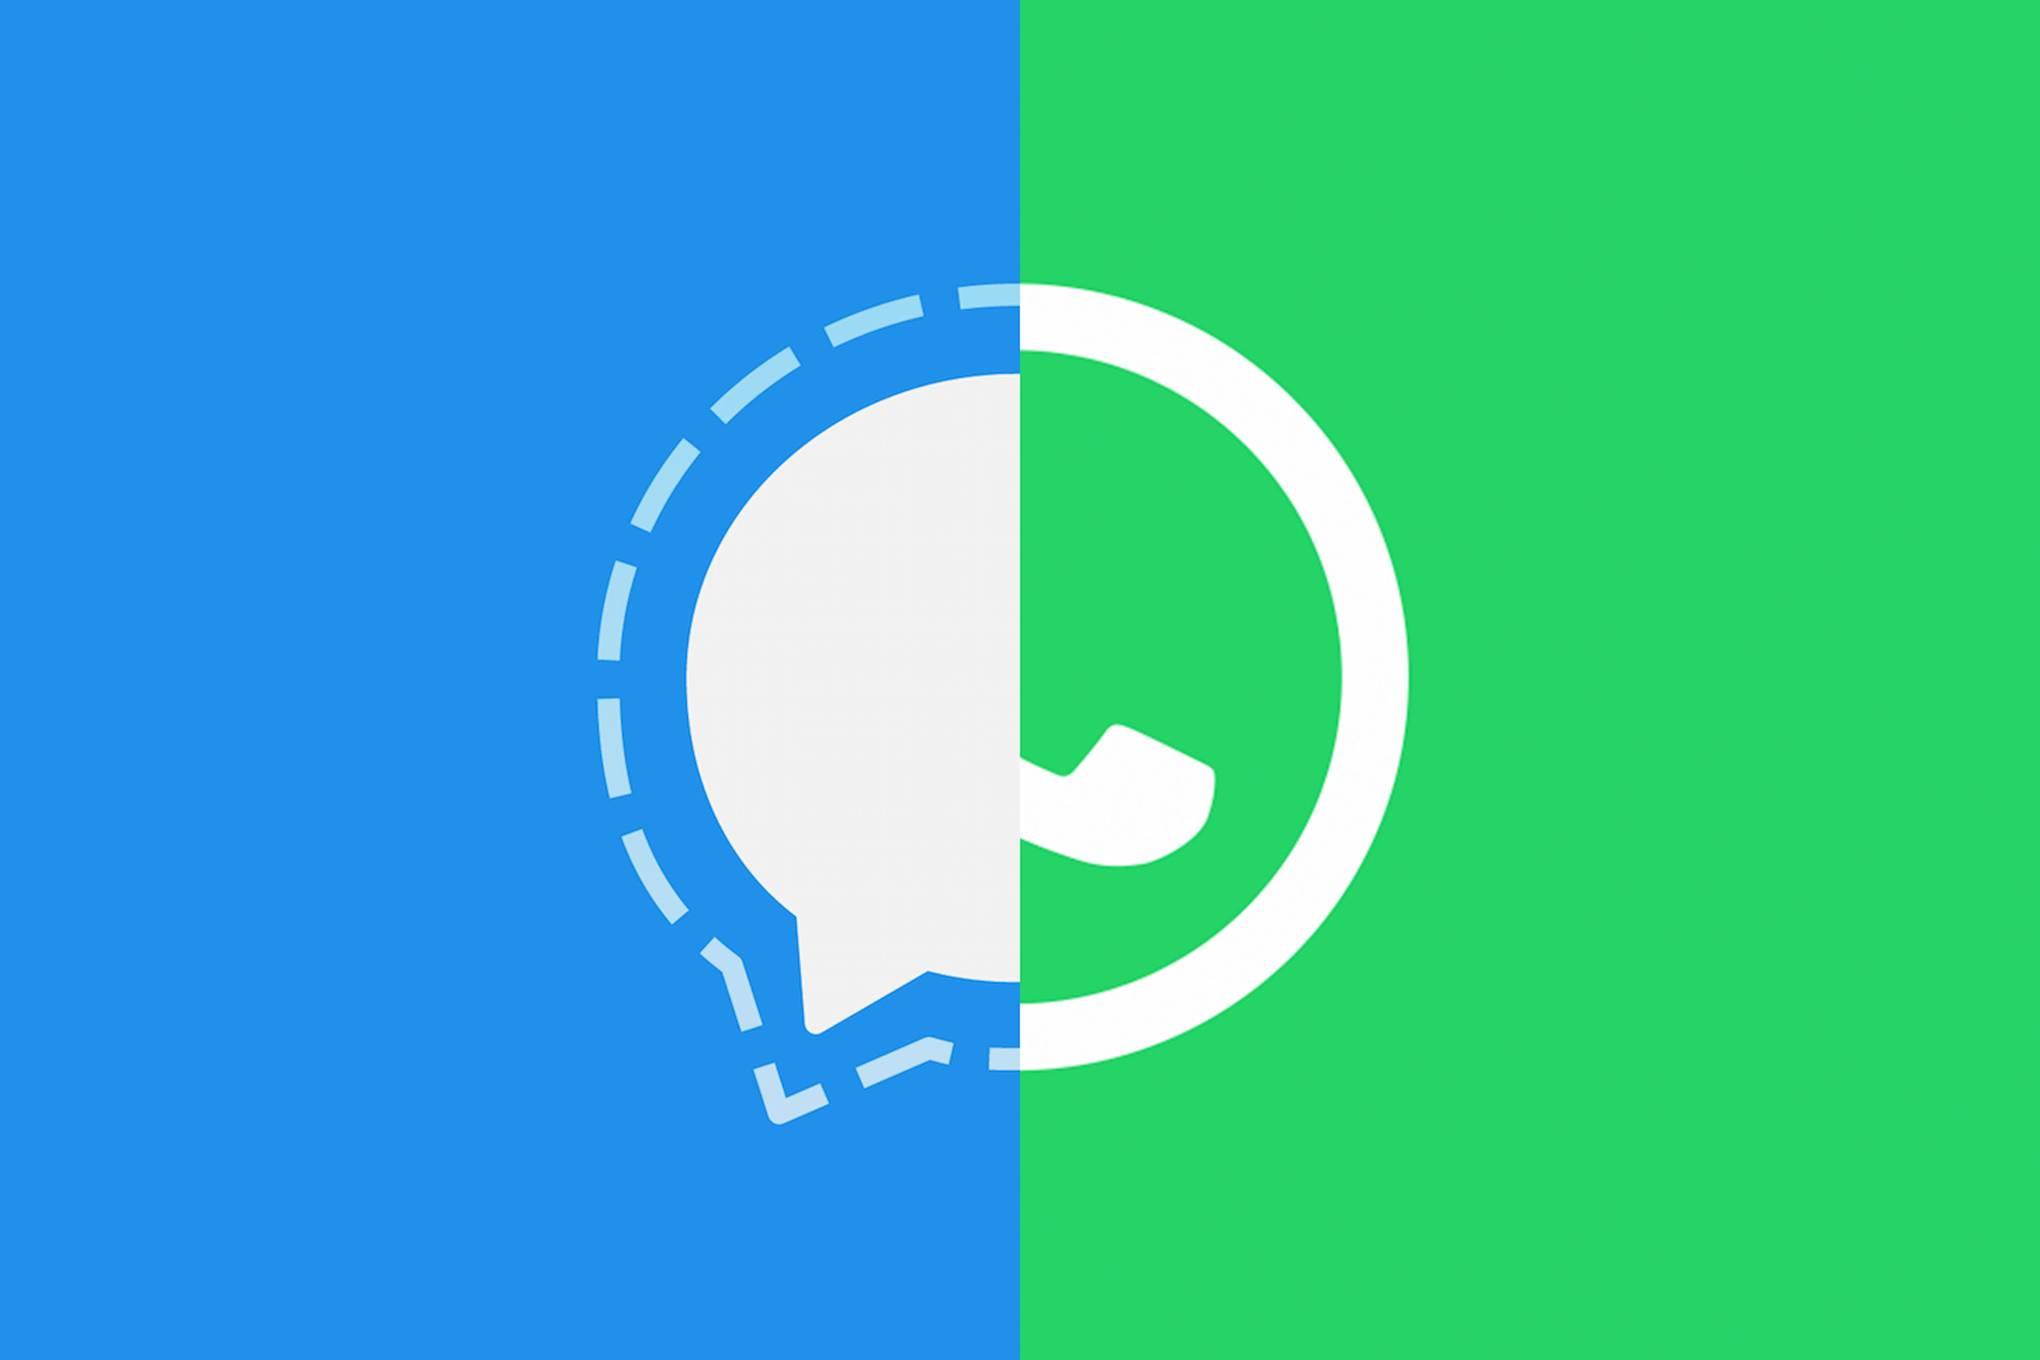 Após mudanças, usuários partem para rival do WhatsApp